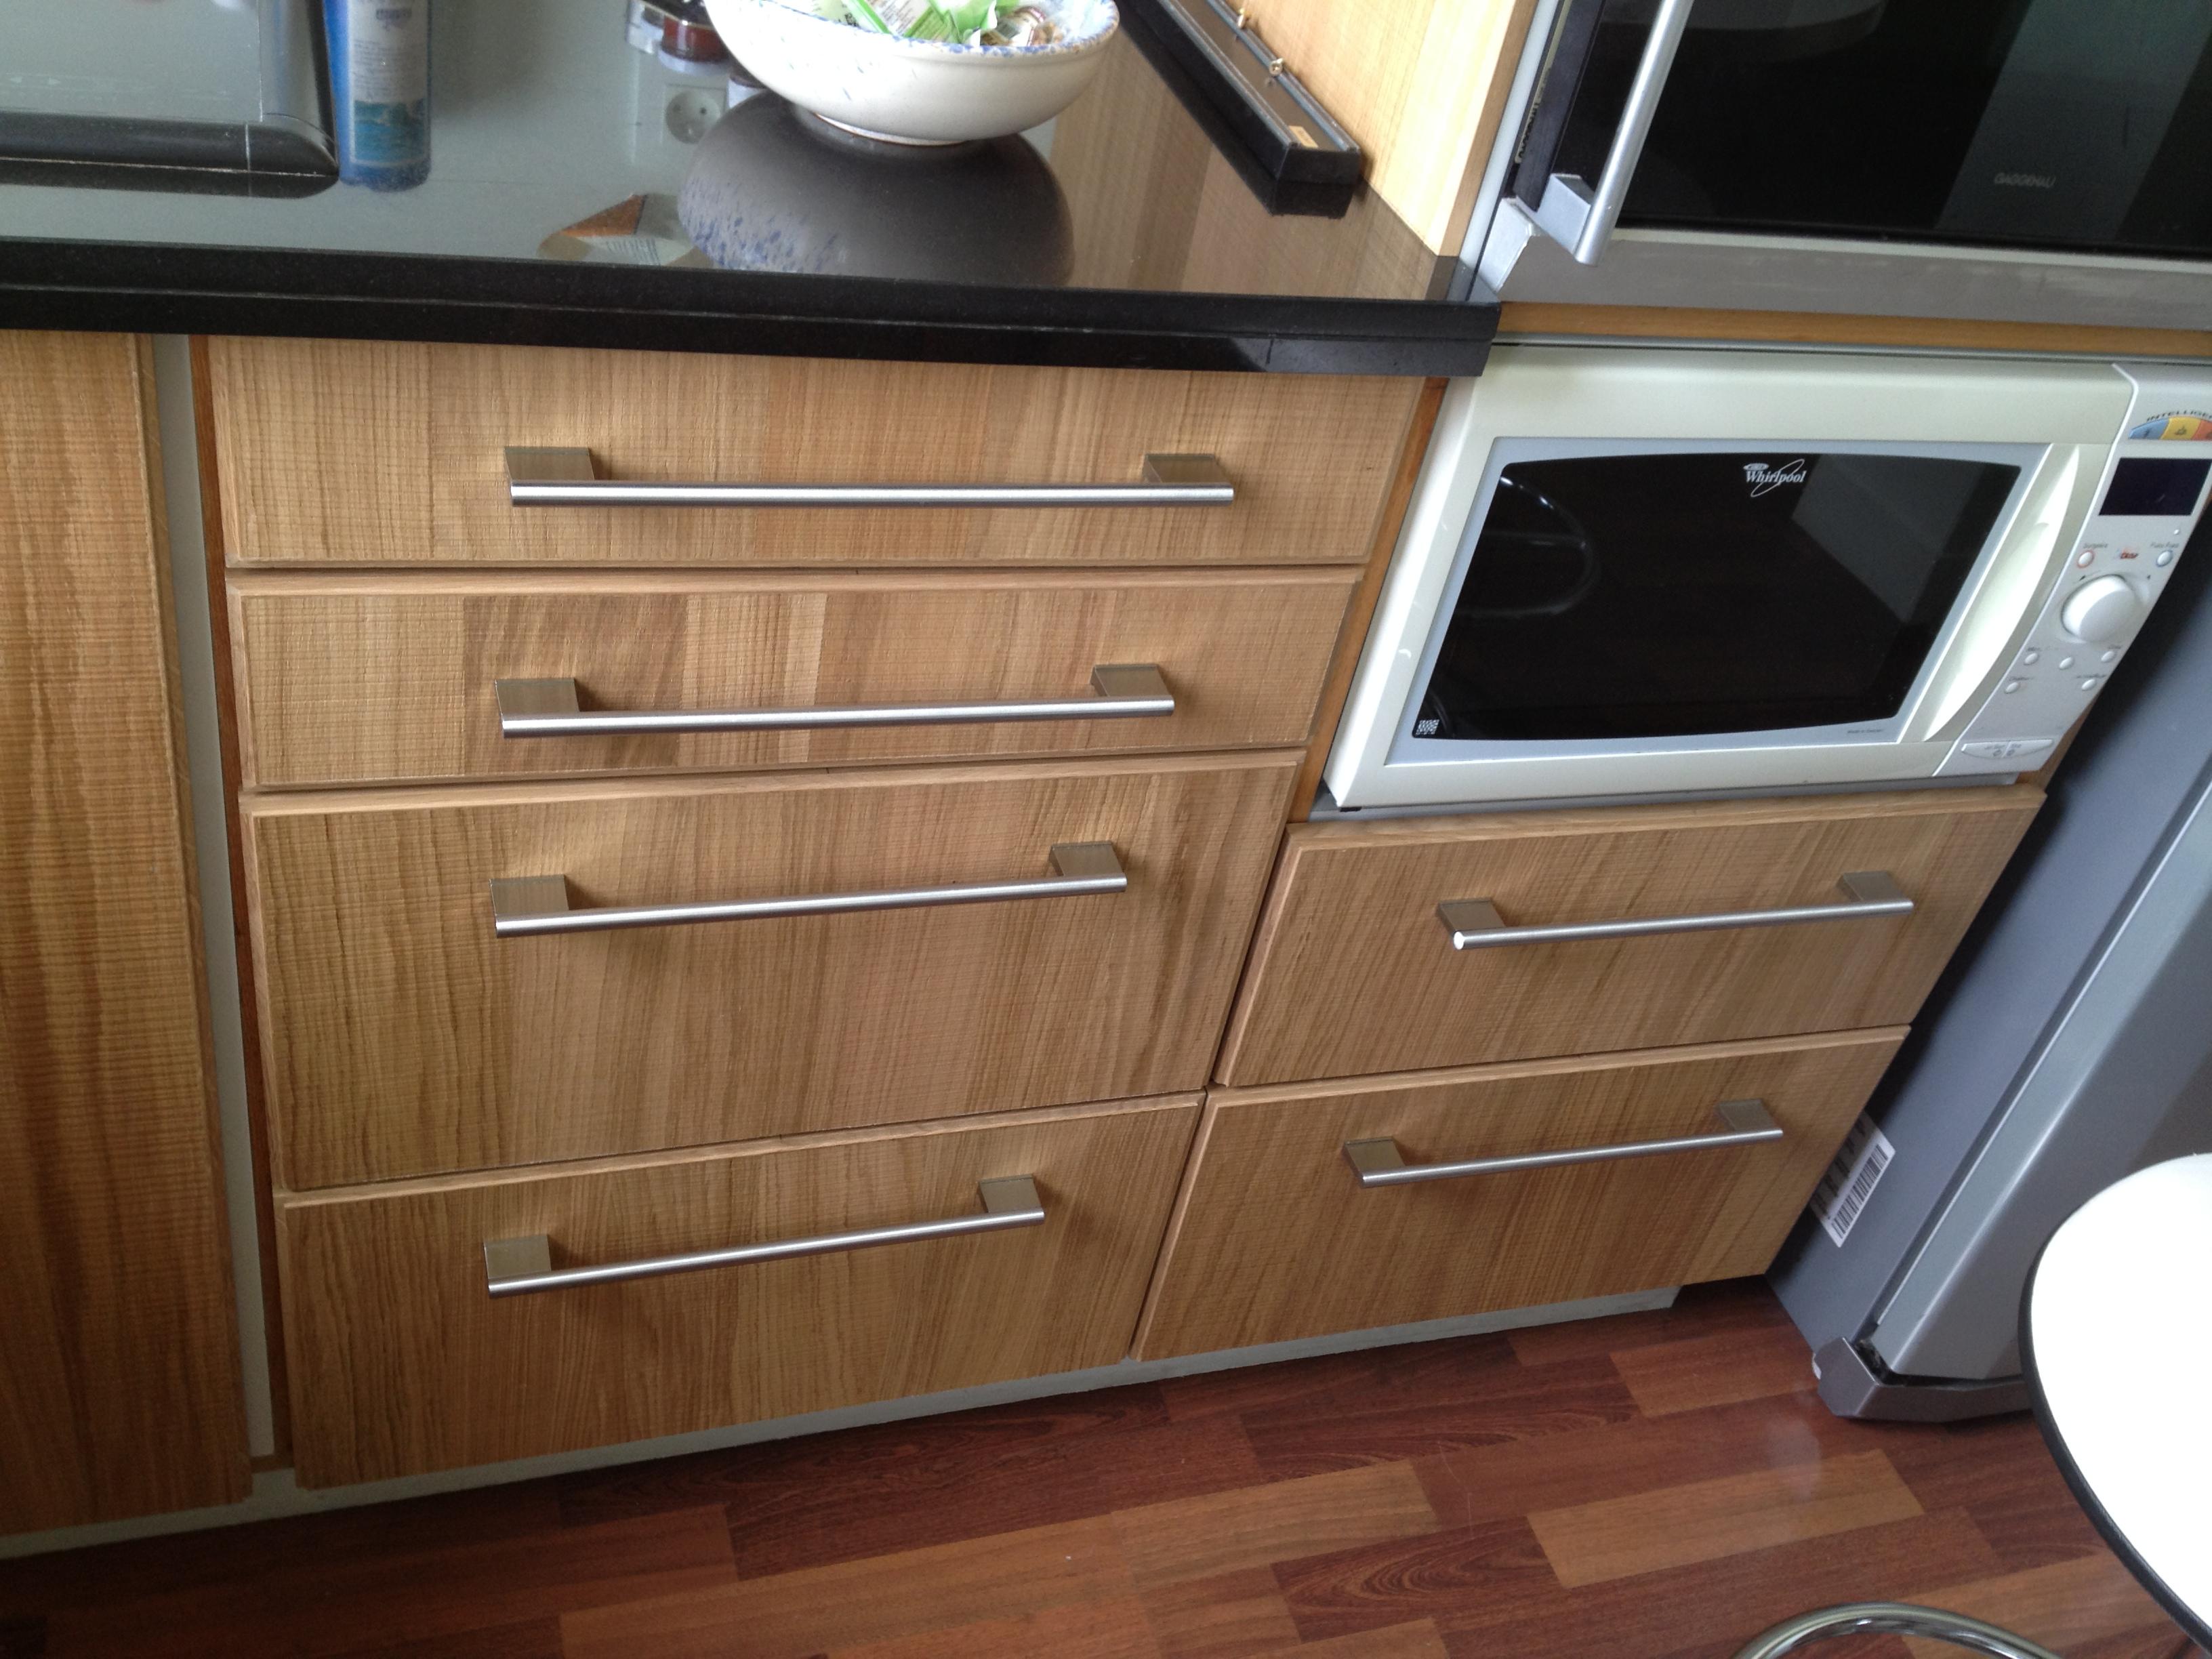 Installateur de cuisine ikea et autres marques for Ikea location emplacement